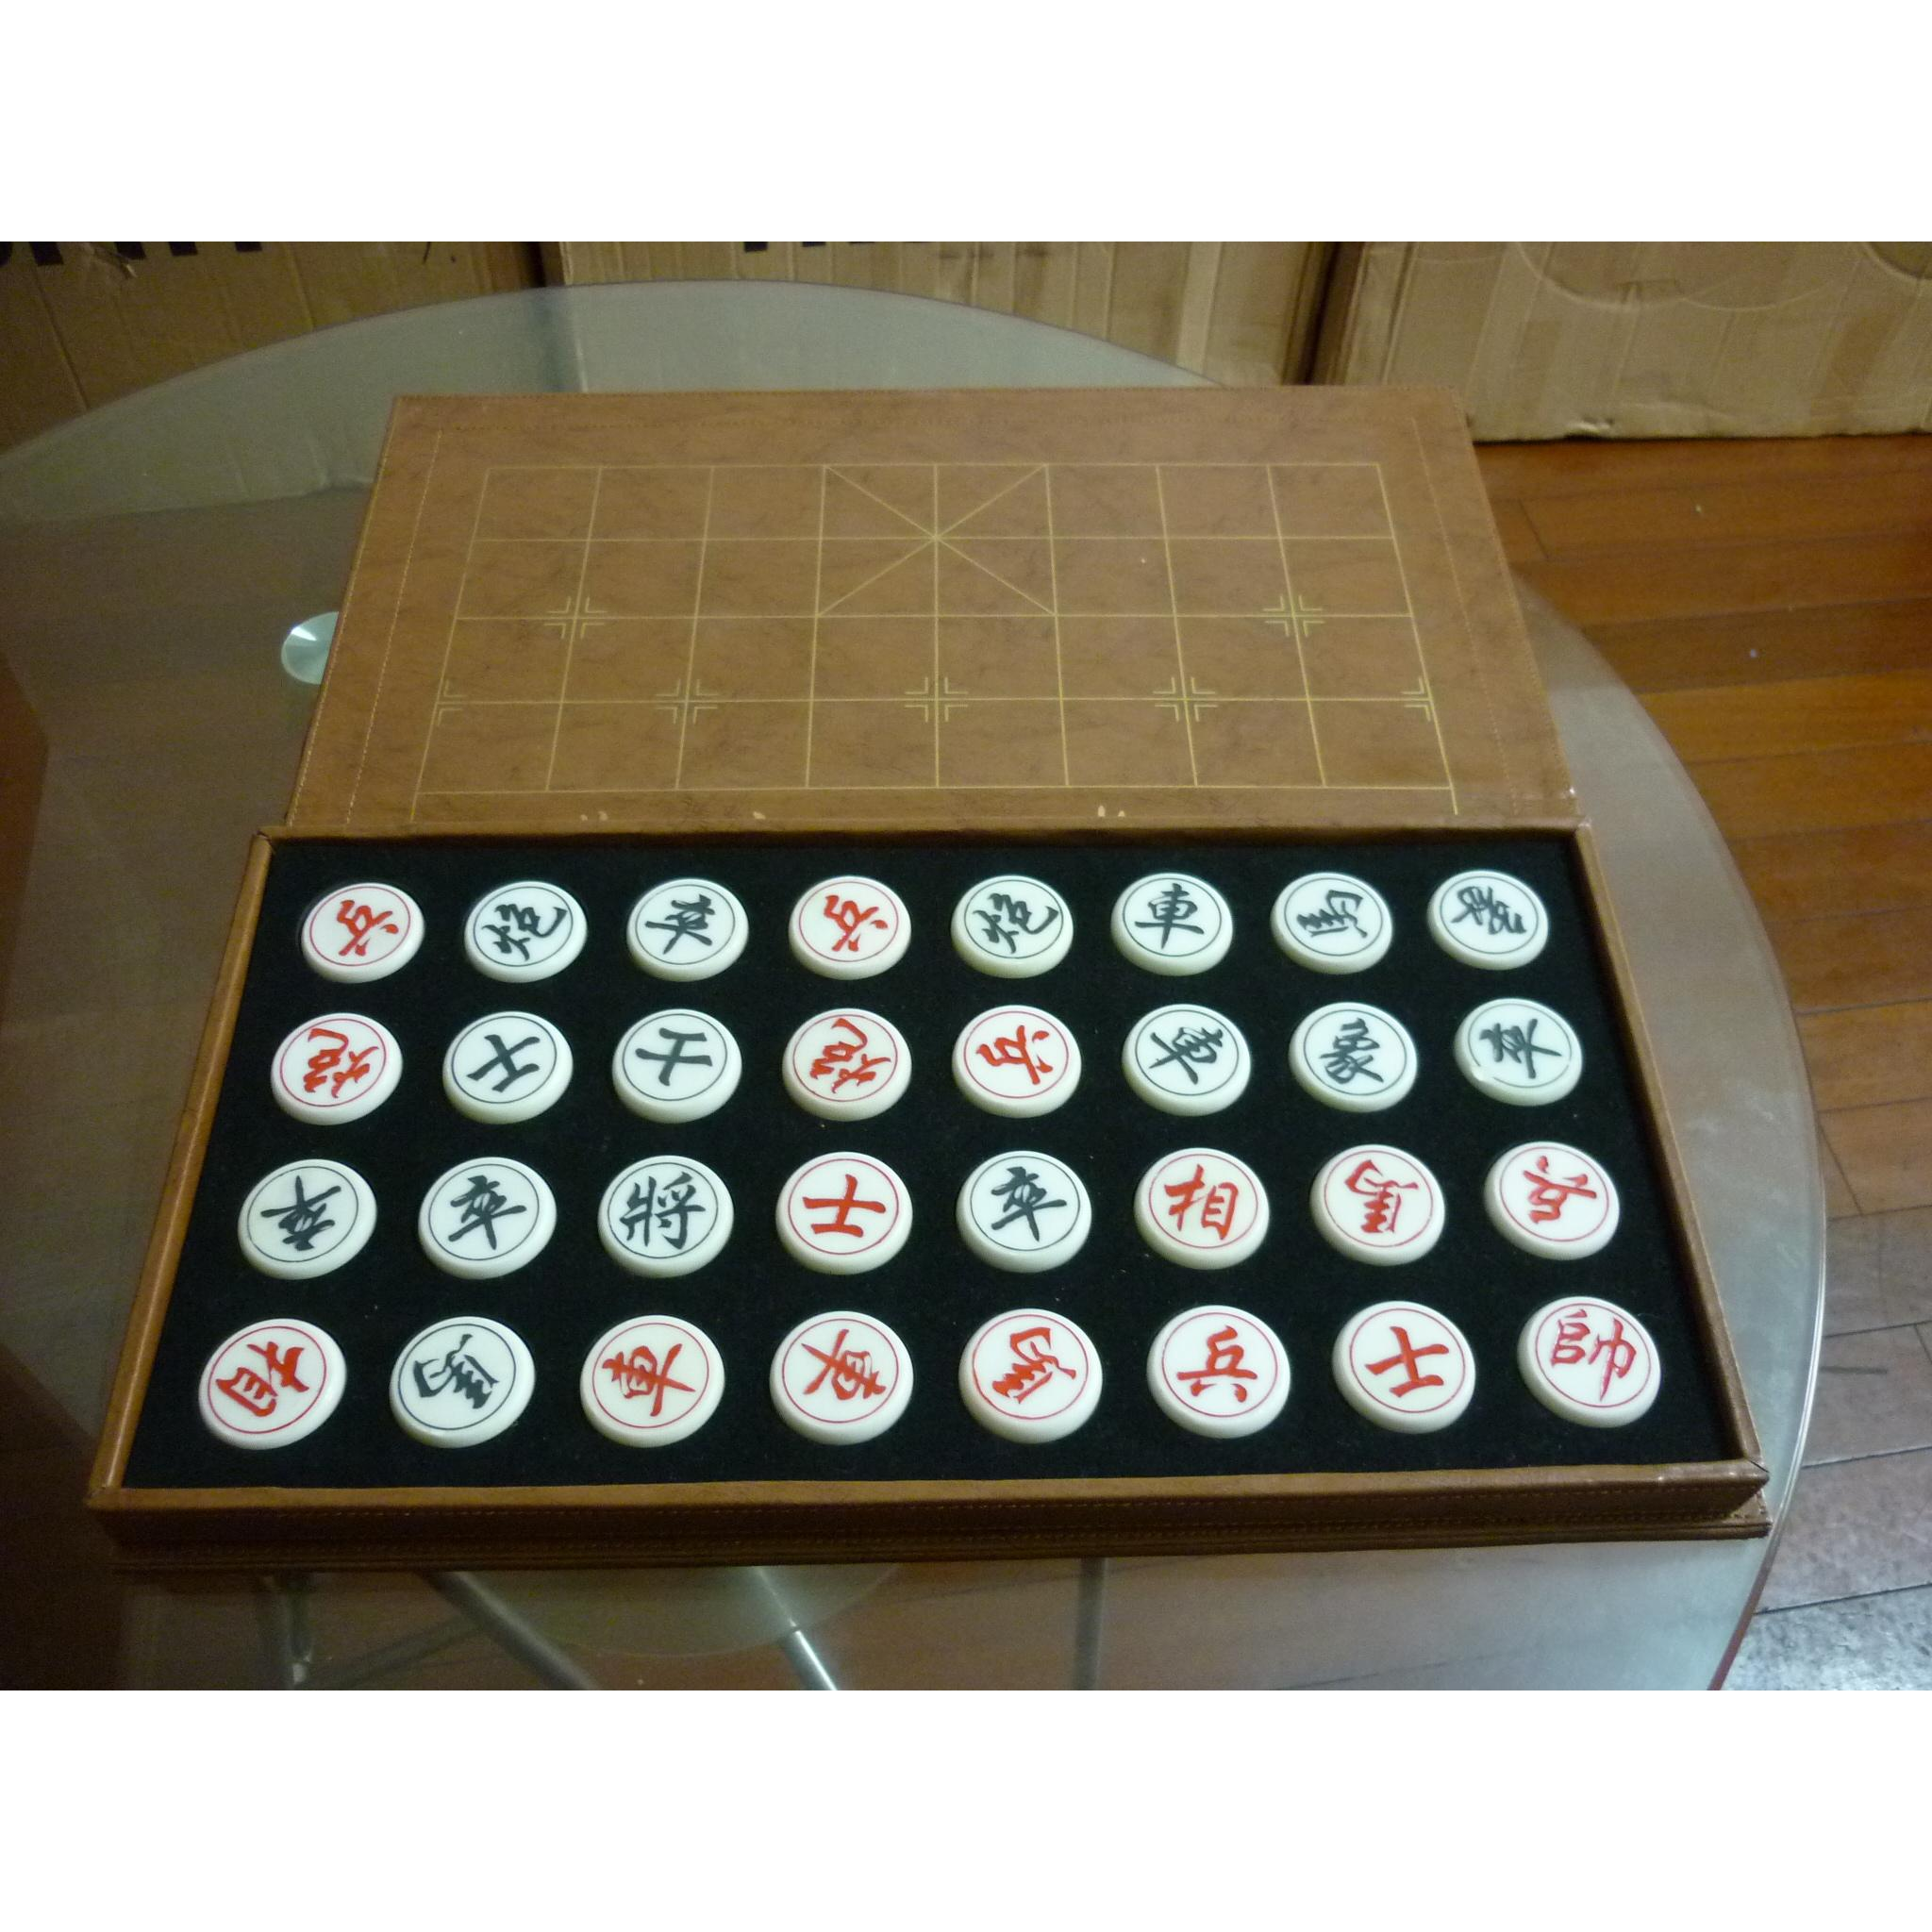 成都水晶象棋制作厂家 成都老兵聚会纪念品 成都同学聚会纪念品定制图片